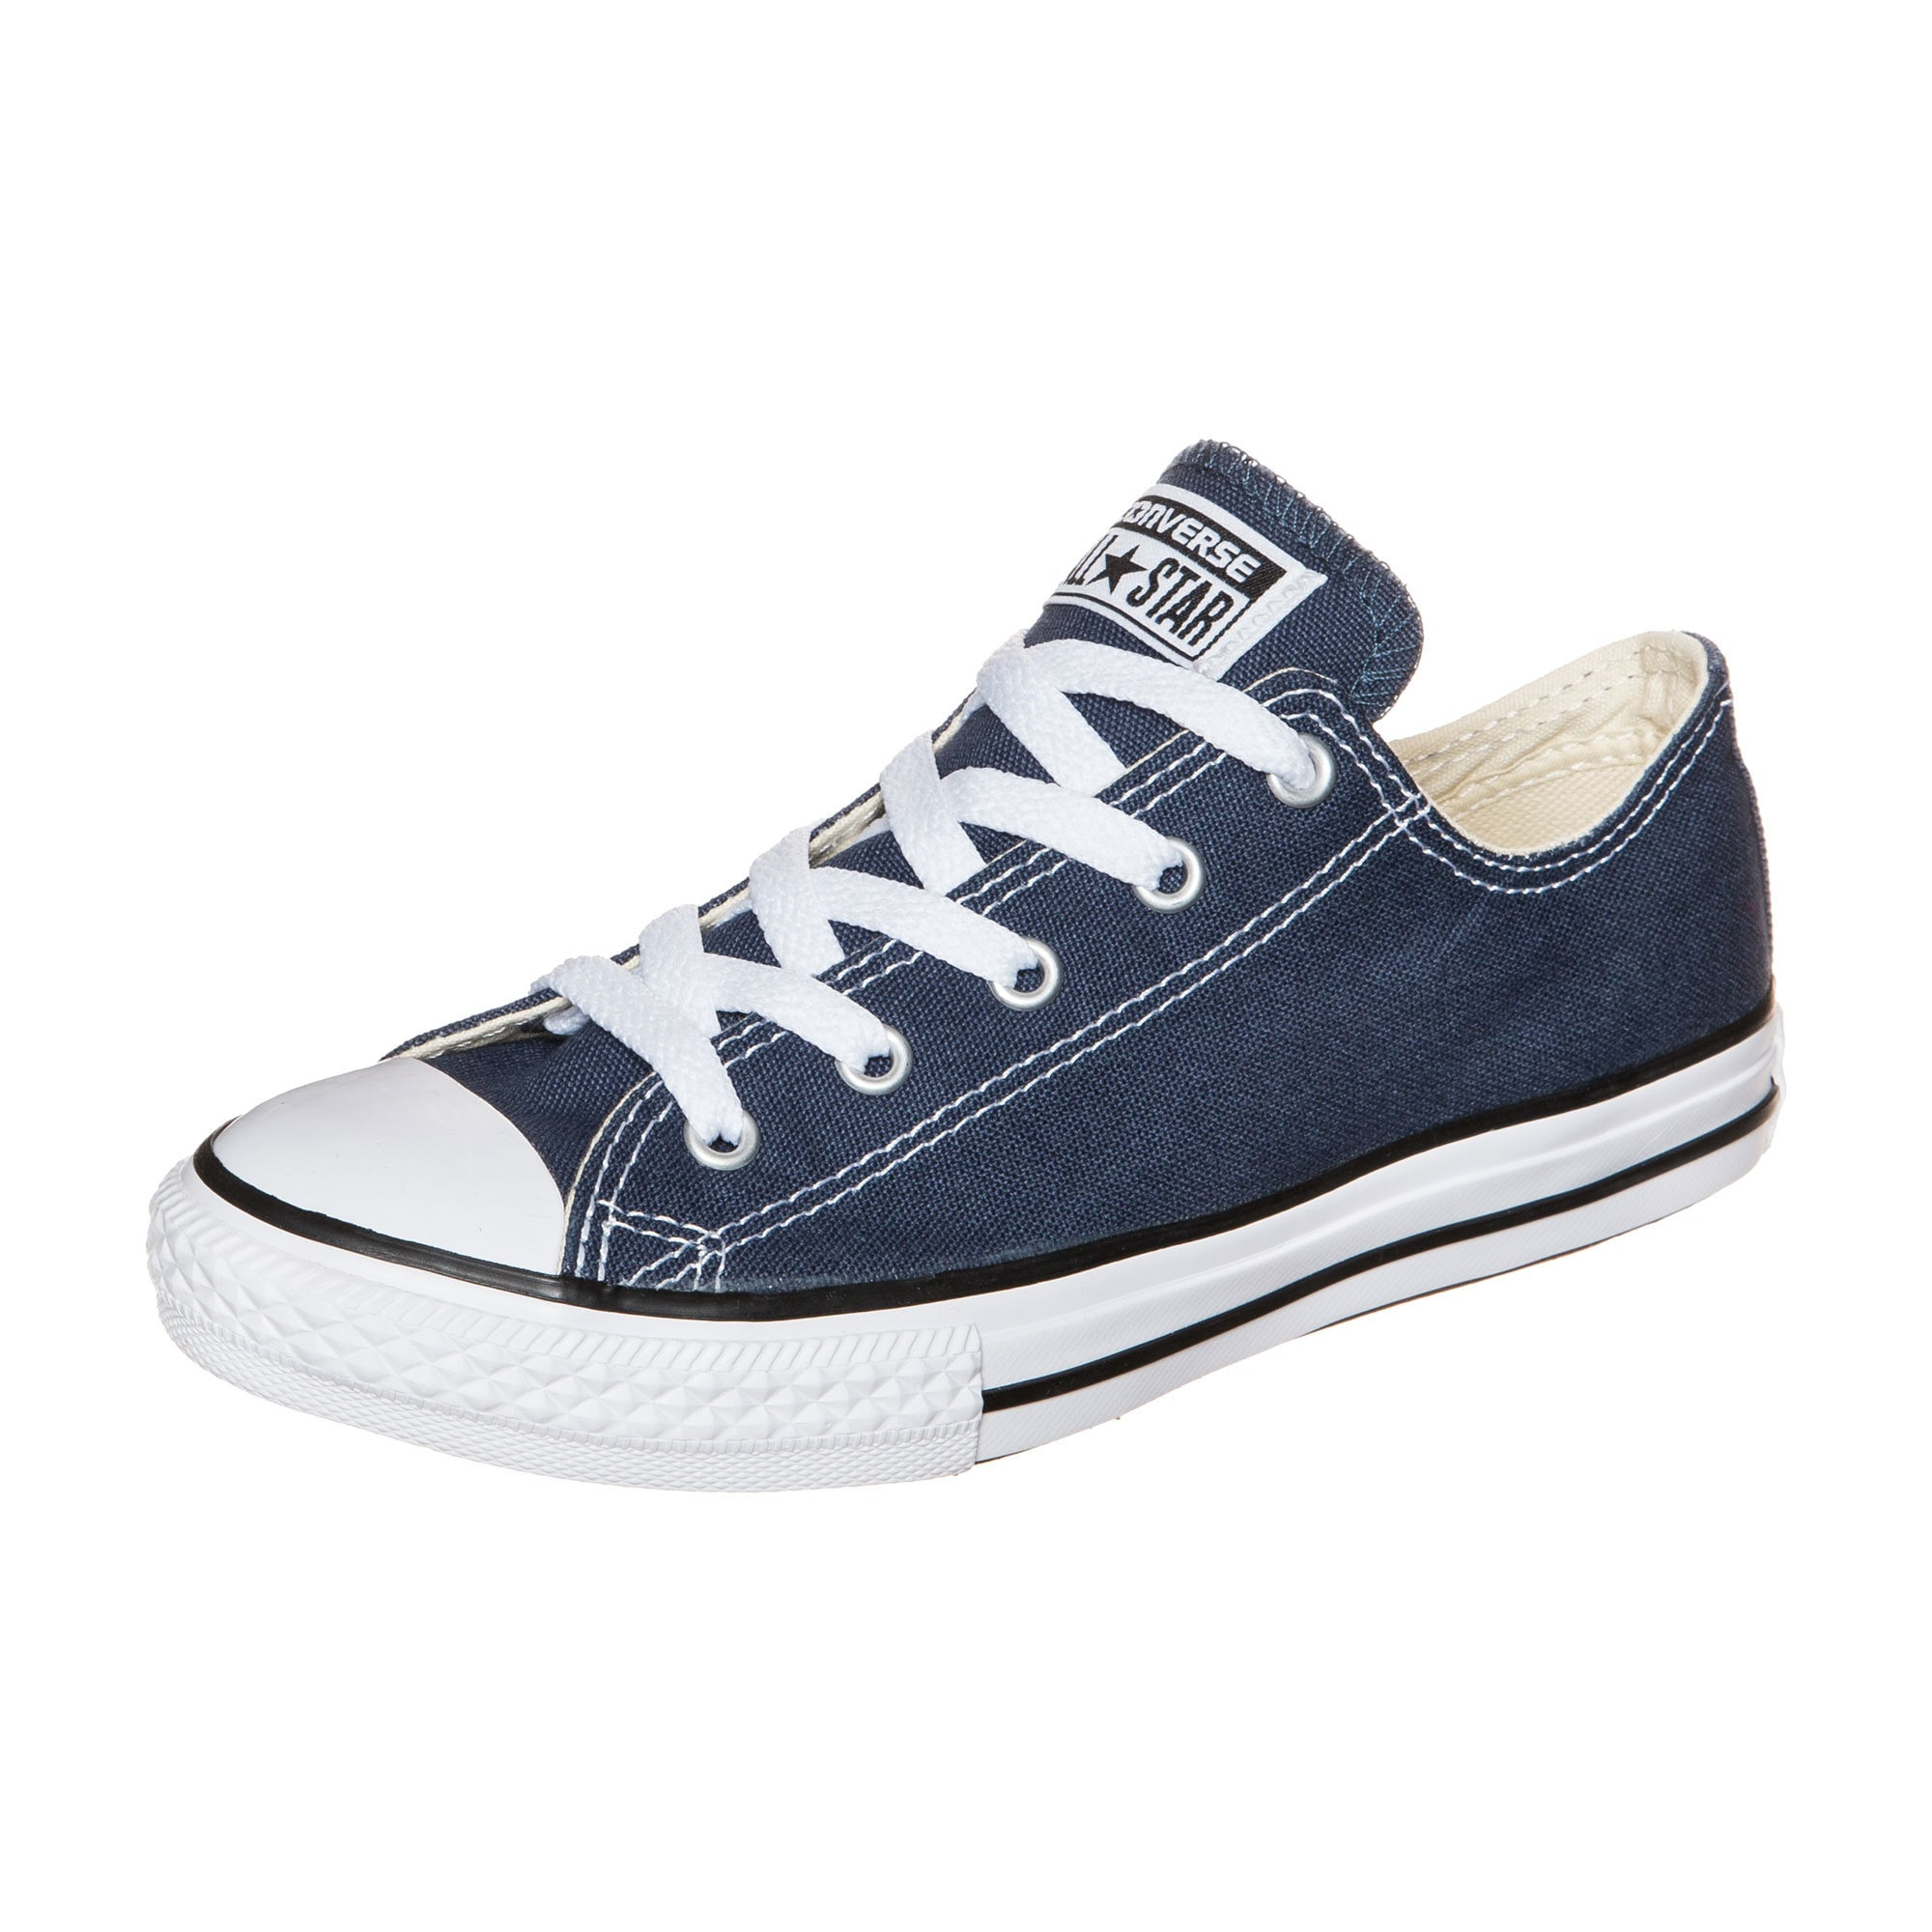 CONVERSE Tenisky 'AllStar'  biela / námornícka modrá